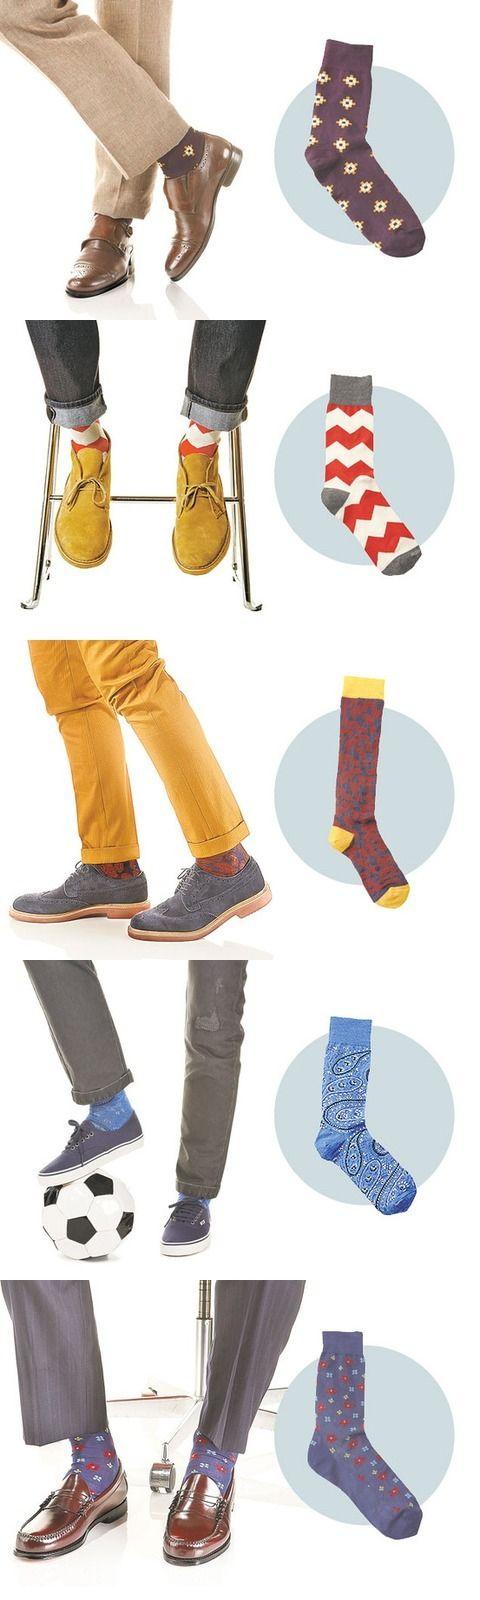 цветные мужские носки 14